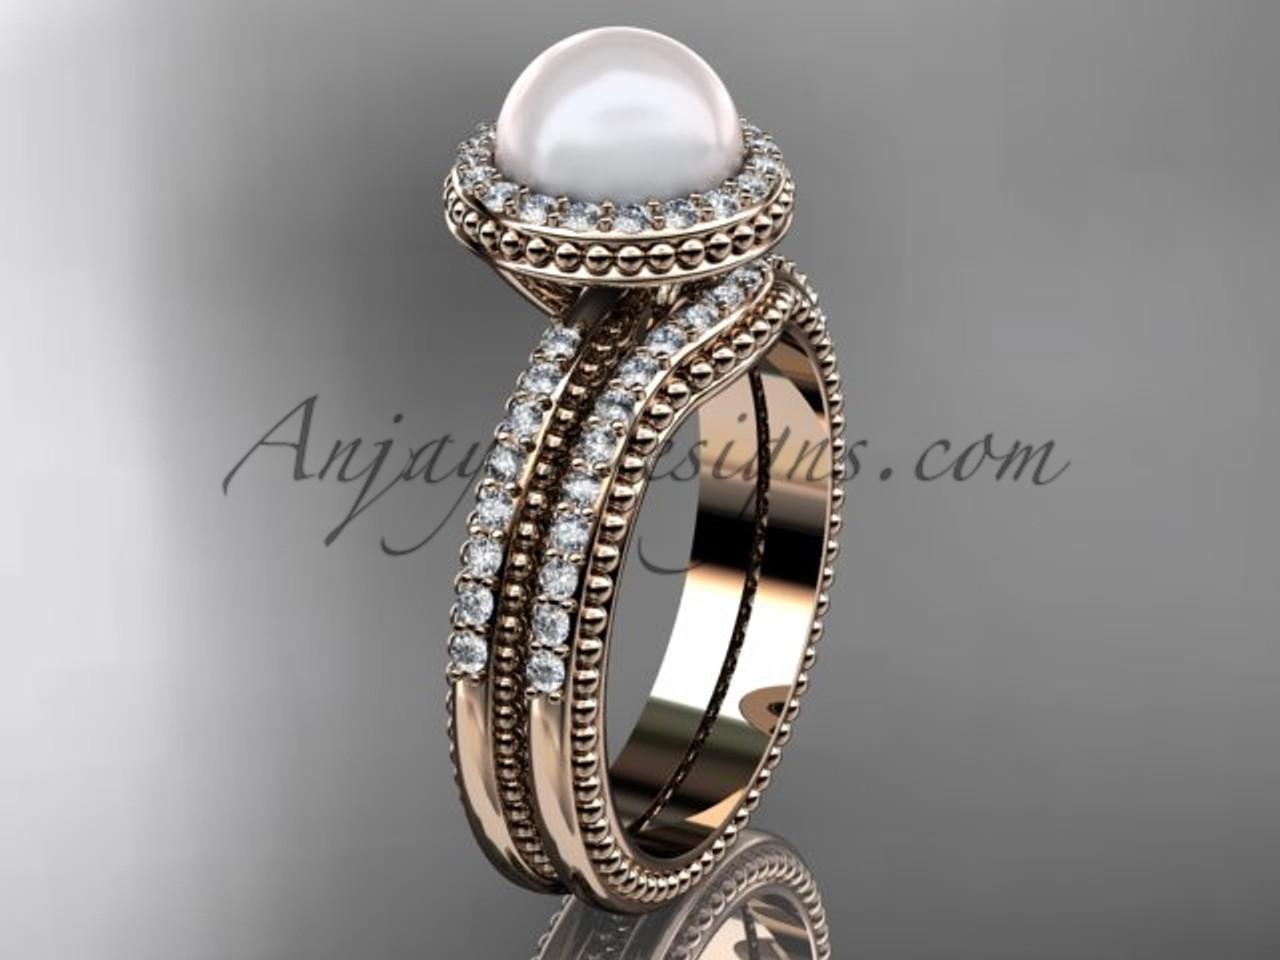 vintage pearl ladies wedding ring sets rose gold ring ap95s - Pearl Wedding Ring Sets